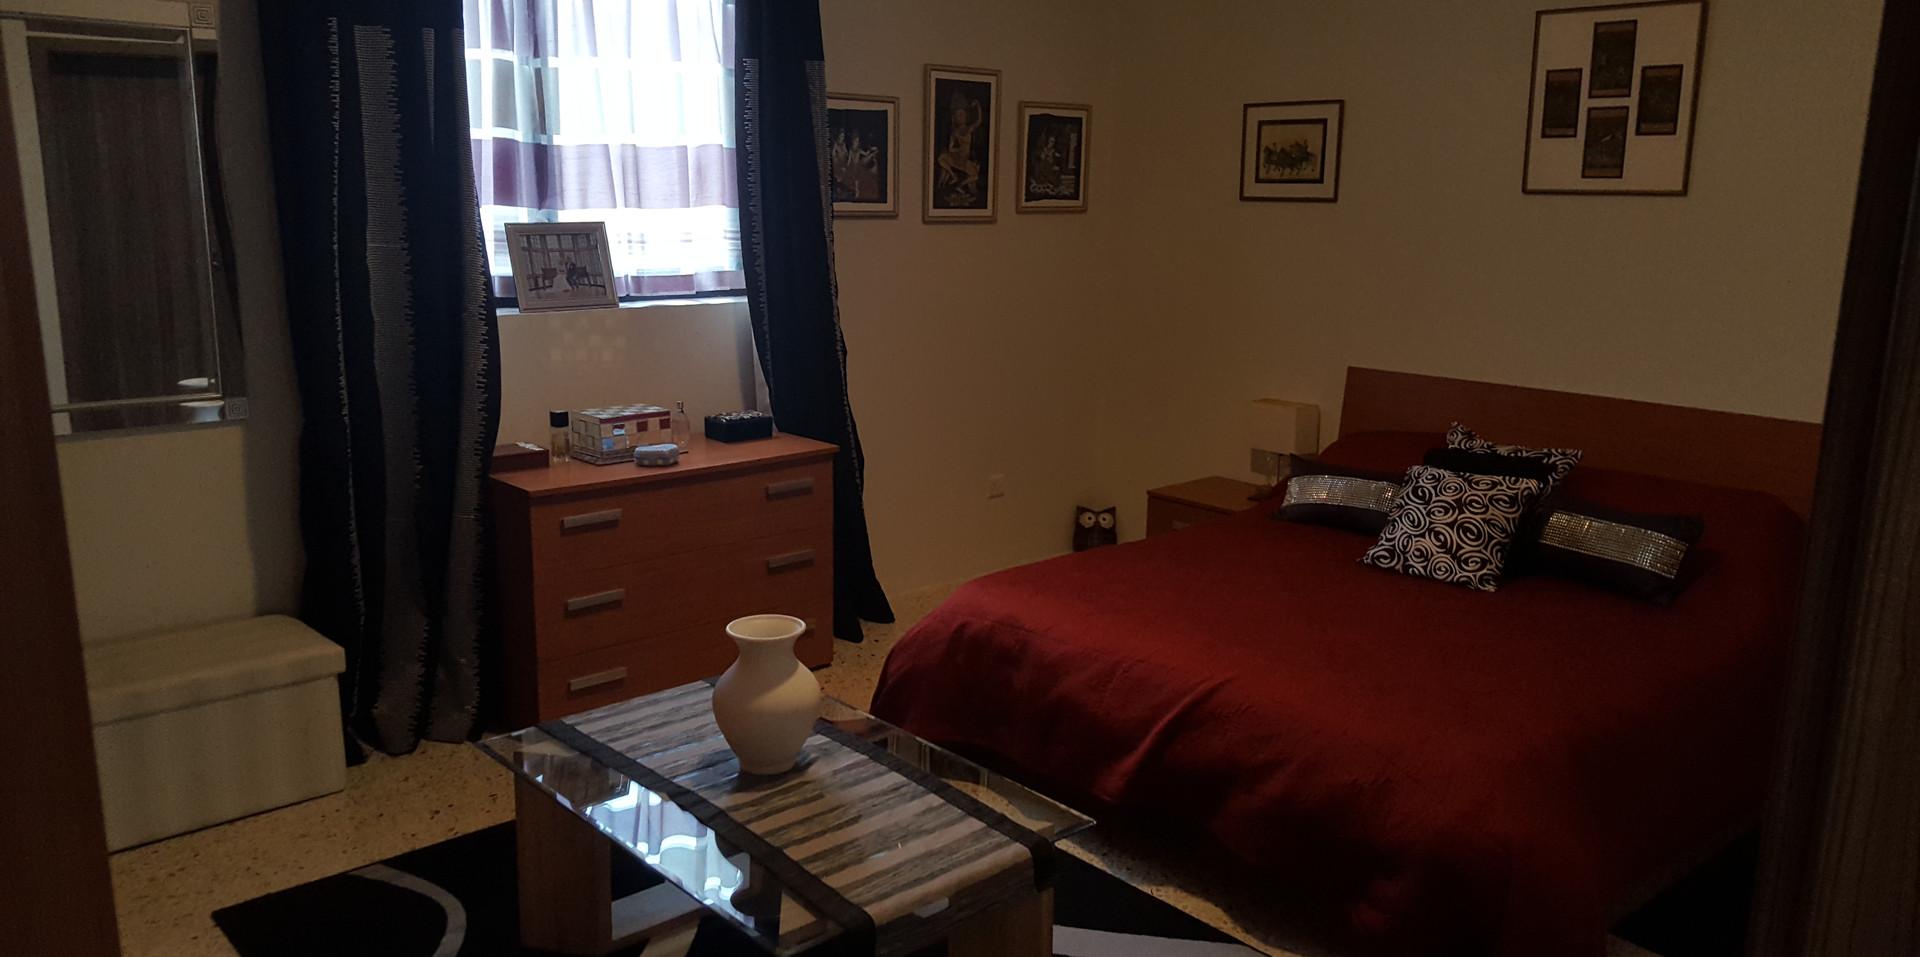 20 - Master Bedroom 1a.jpg